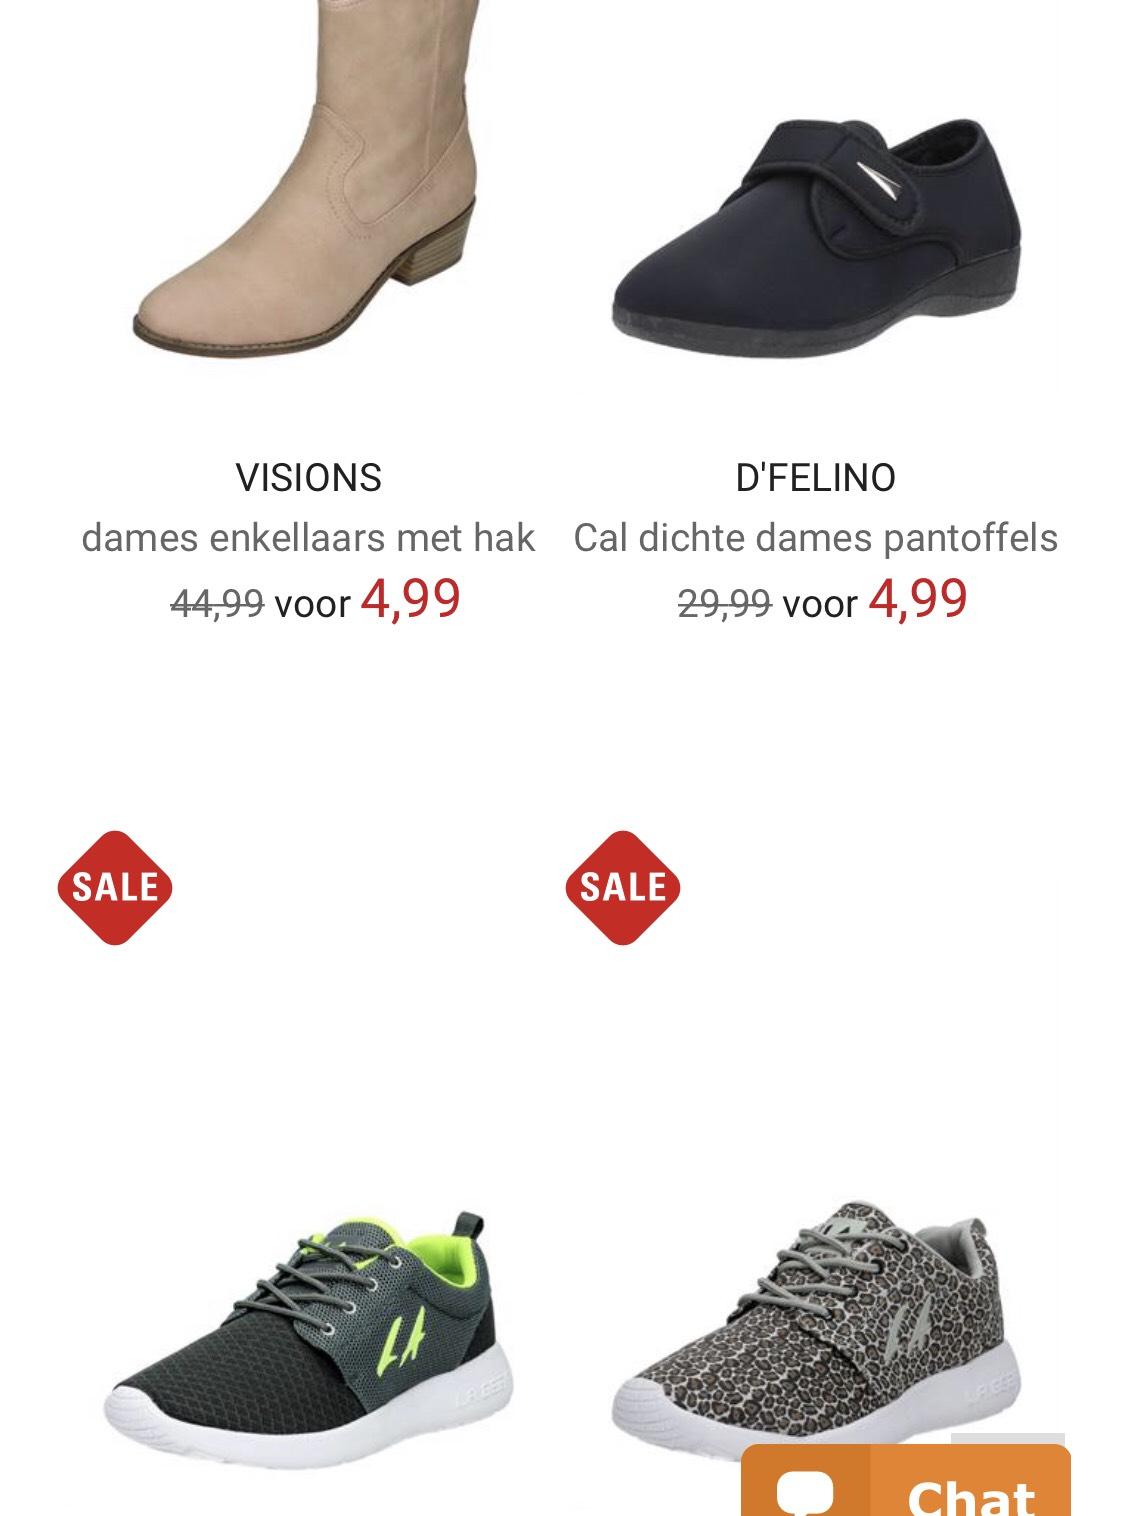 Schoenen voor dames en heren vanaf €4,99 @Schuurman-schoenen